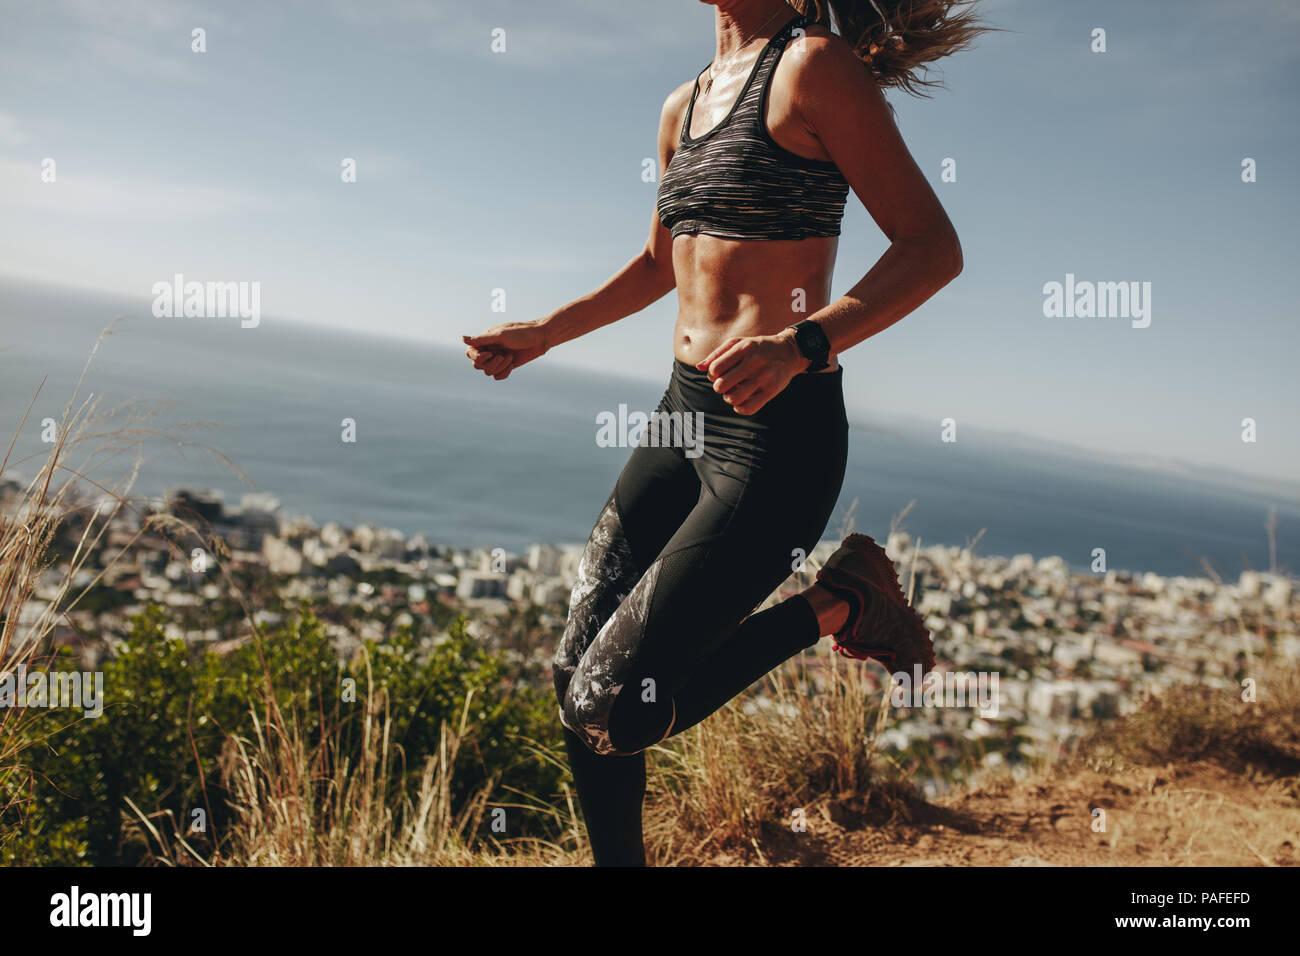 Gesunde Frau sprinten über Berg Trail. Weibliche tun Lauftraining auf dem Weg über Berg. 7/8 geschossen. Stockbild